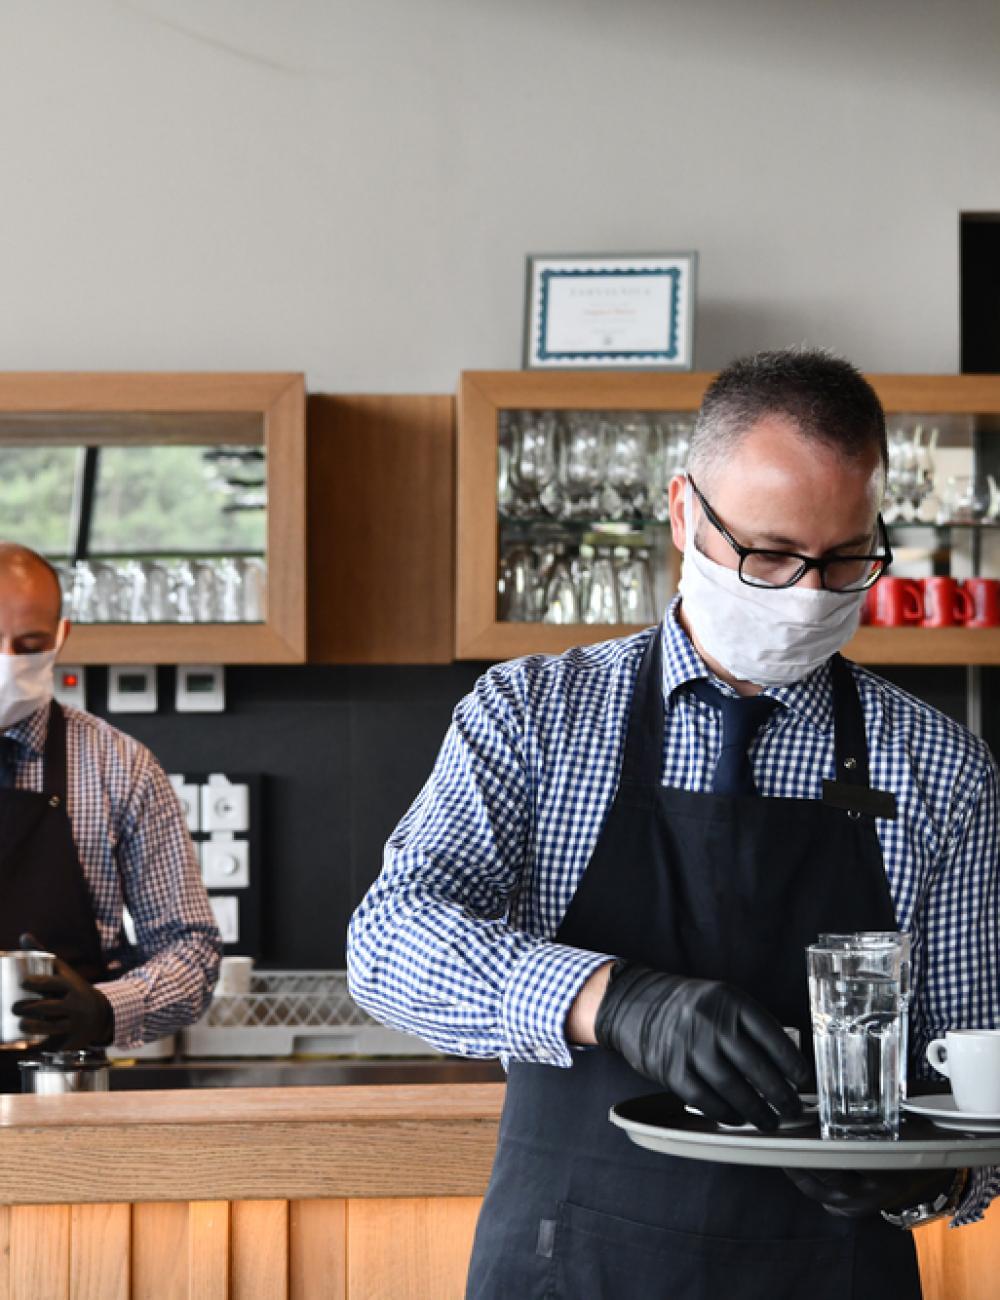 abbigliamento lavoro personalizzato: divisa cameriere bar